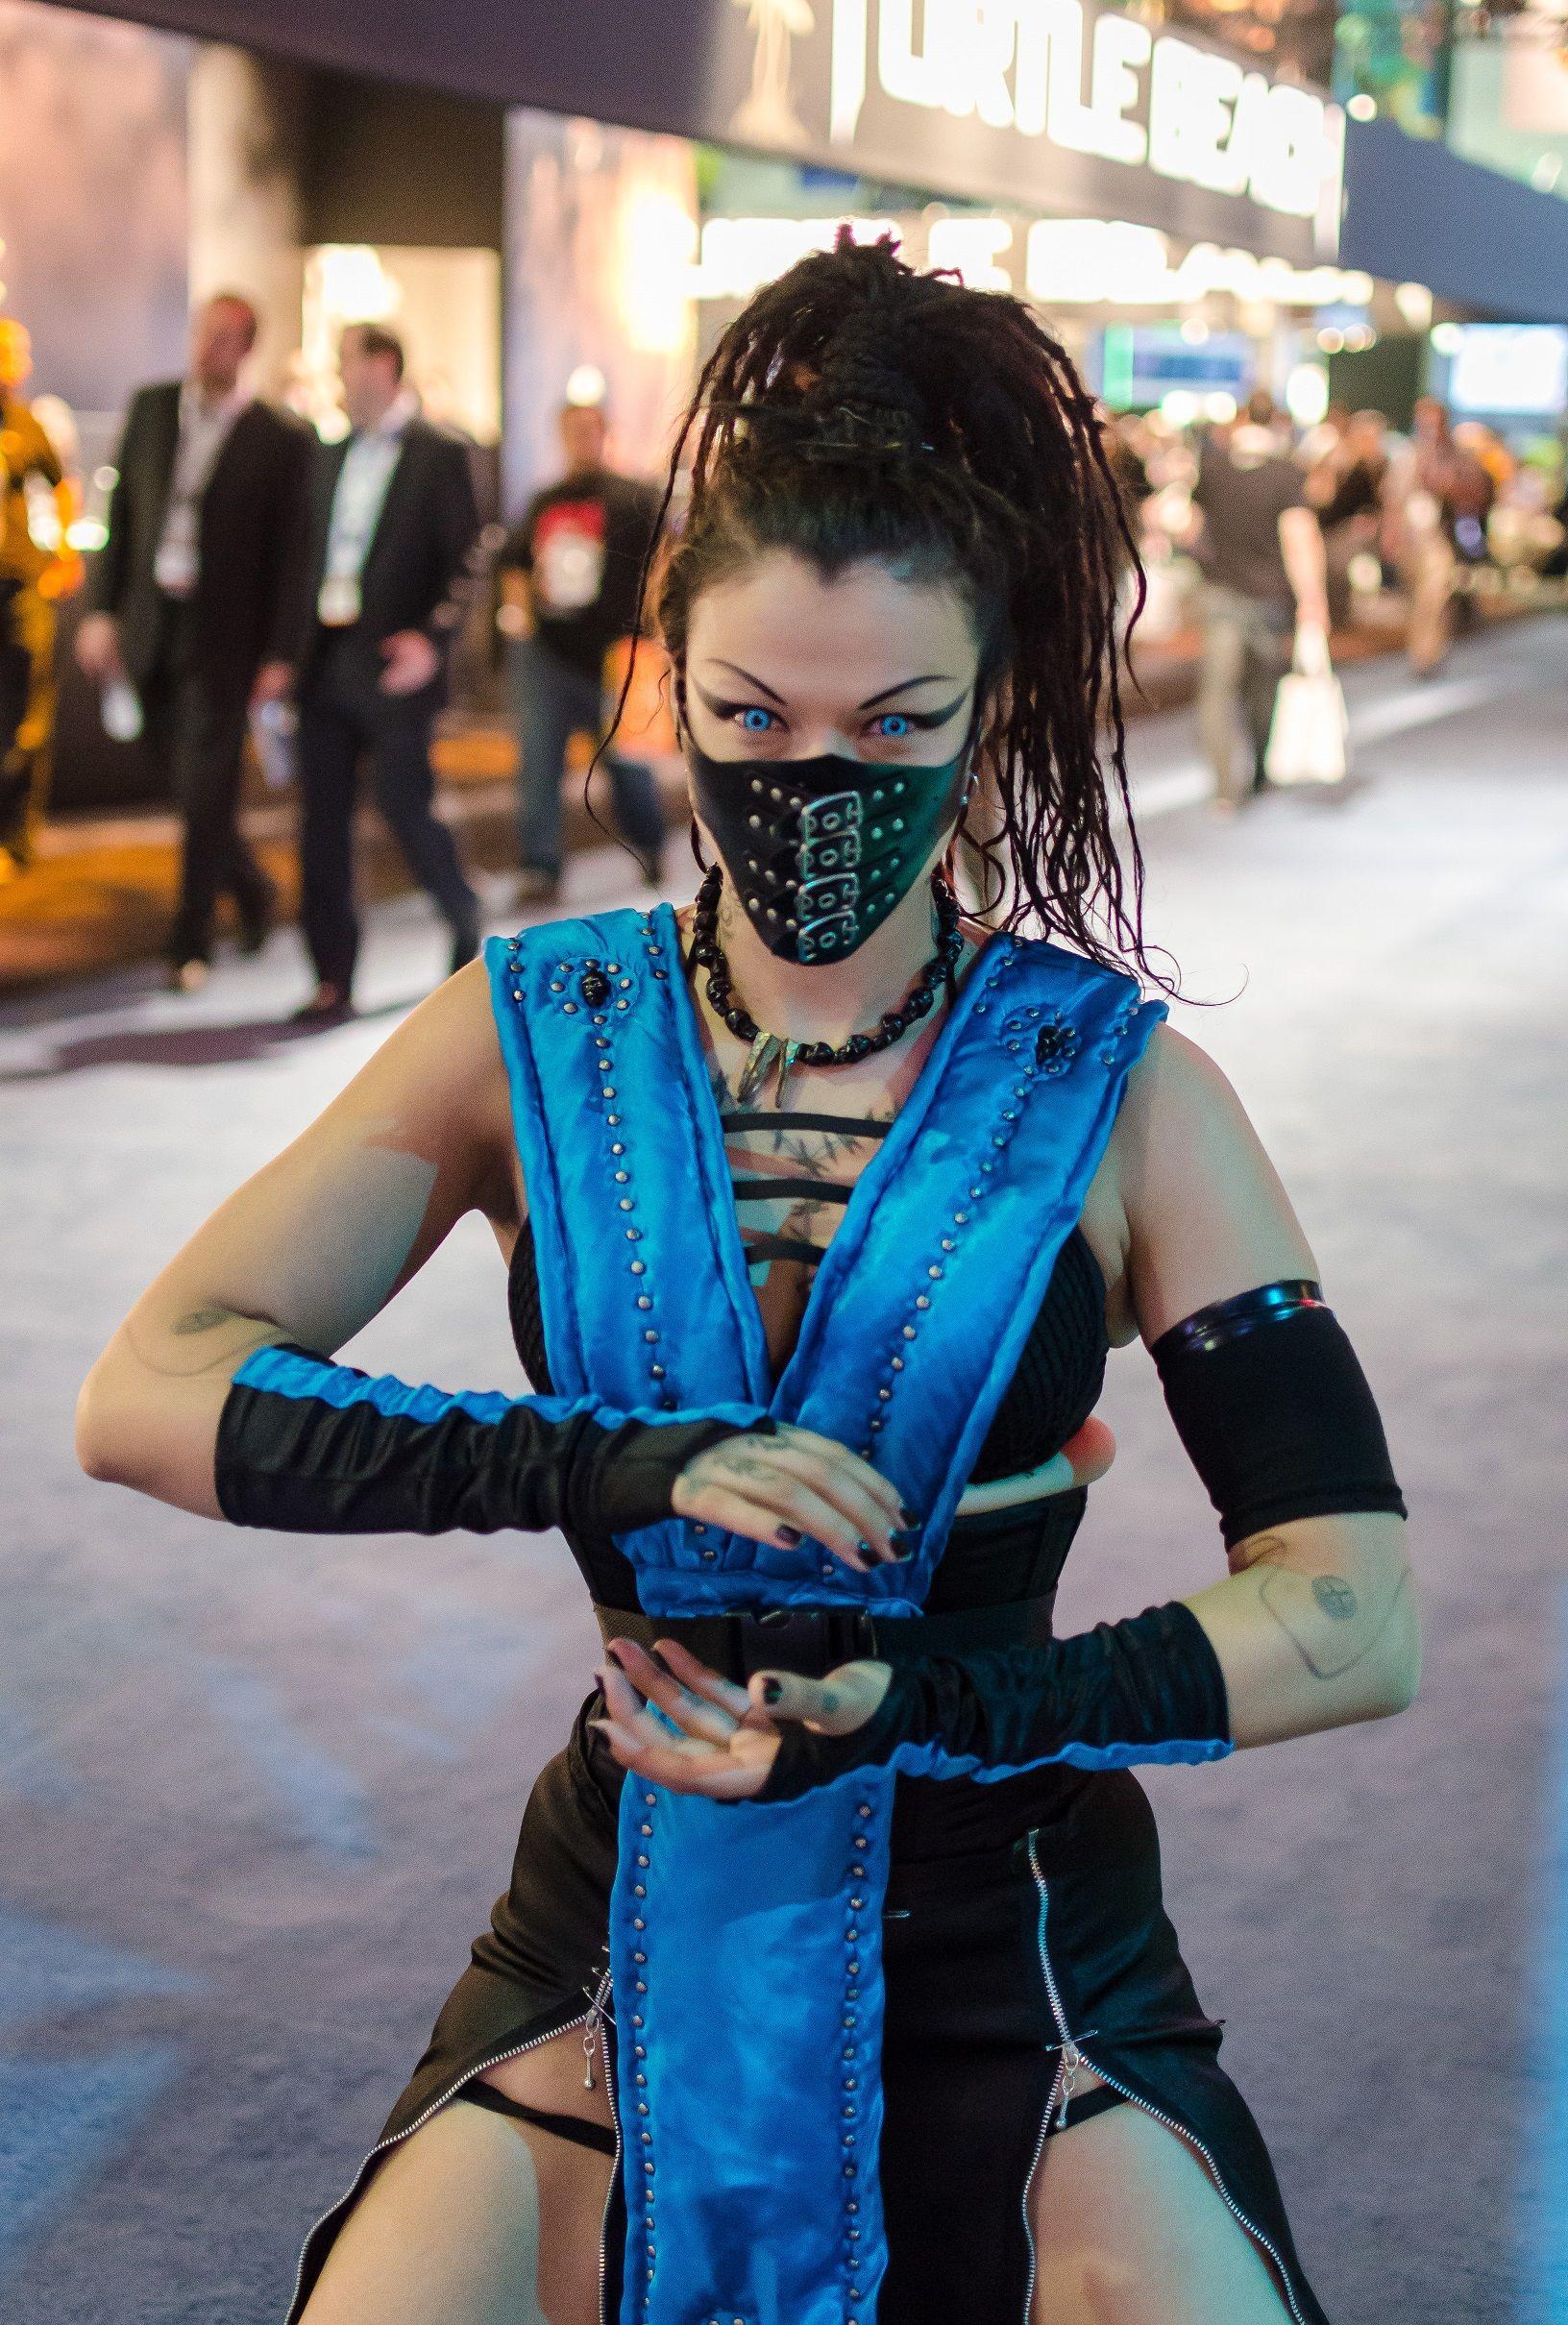 girl costumes kombat Mortal